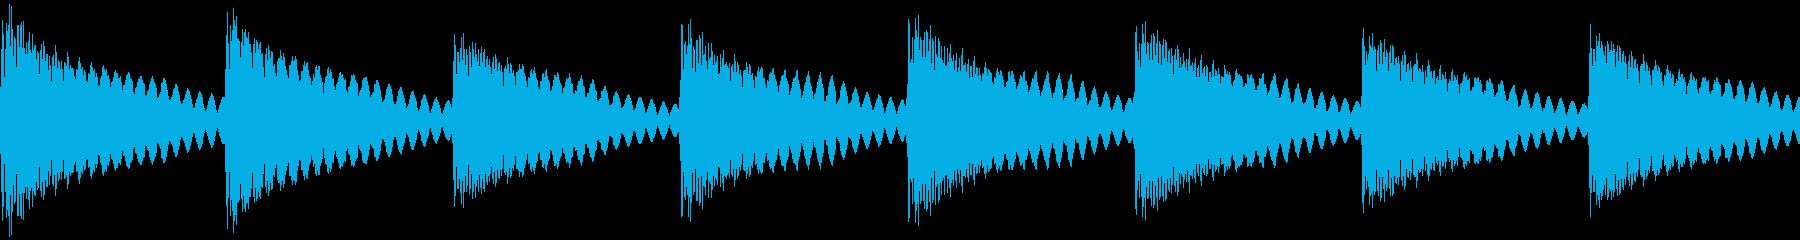 踏切・遮断機(カンカンカン)の再生済みの波形